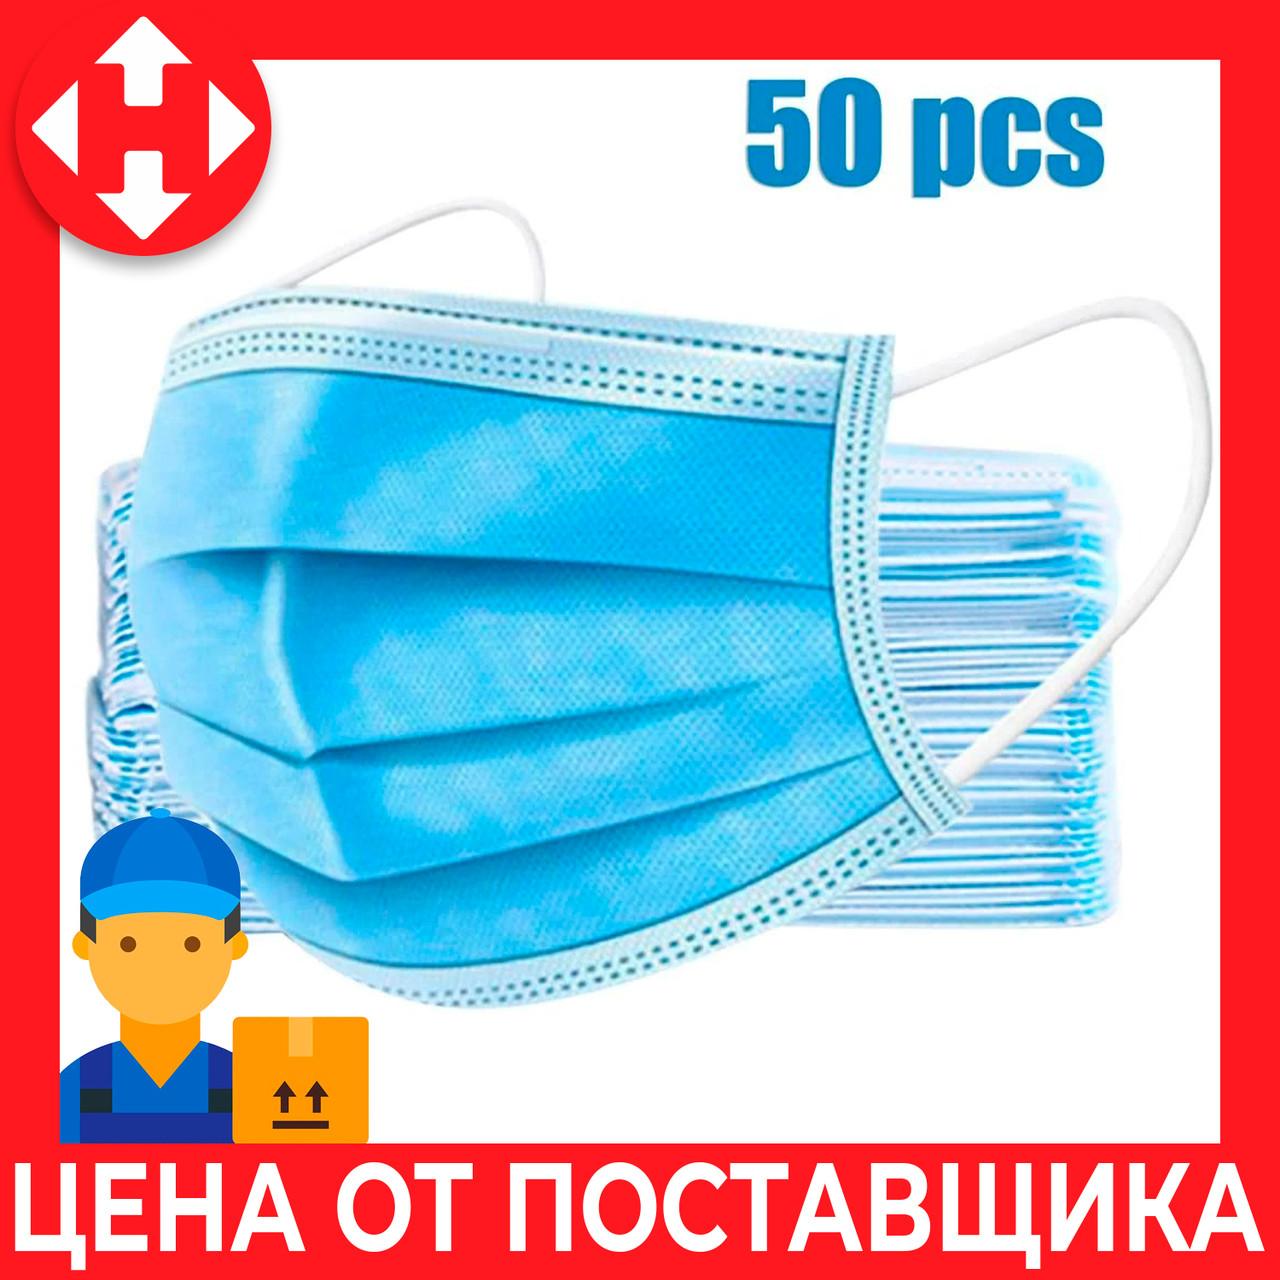 Купить Медицинские маски и респираторы, Одноразовые медицинские маски 50 шт. 3-х слойные Чудесник синие защитные маски с доставкой